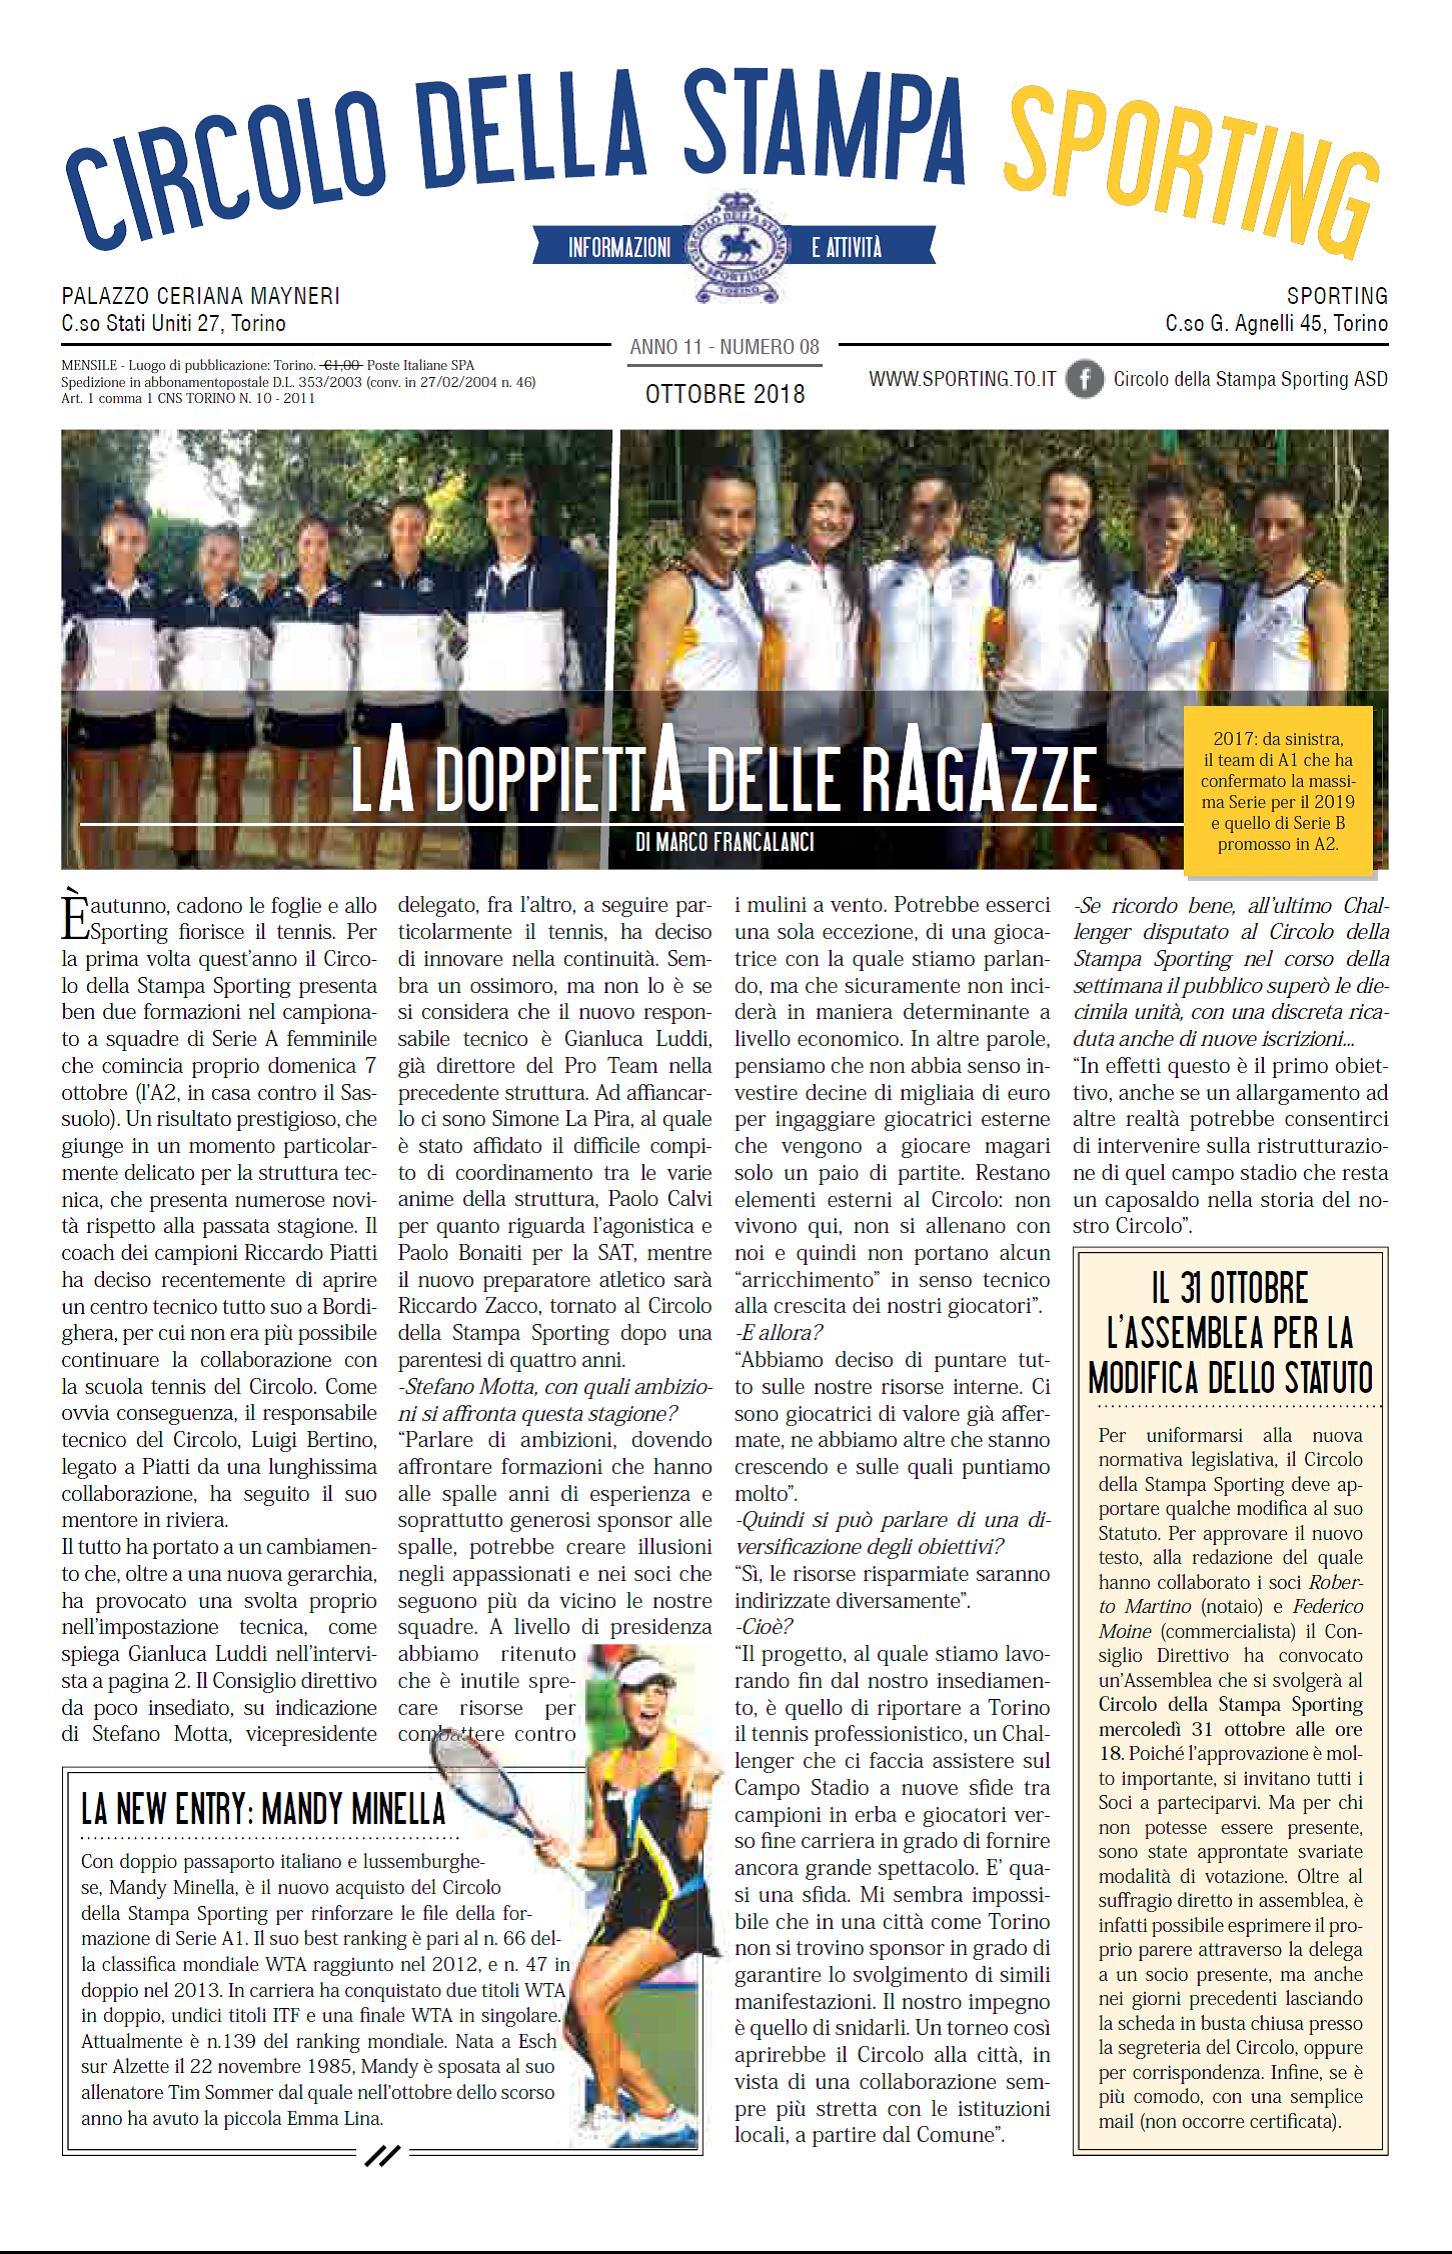 CIRCOLO DELLA STAMPA SPORTING ottobre